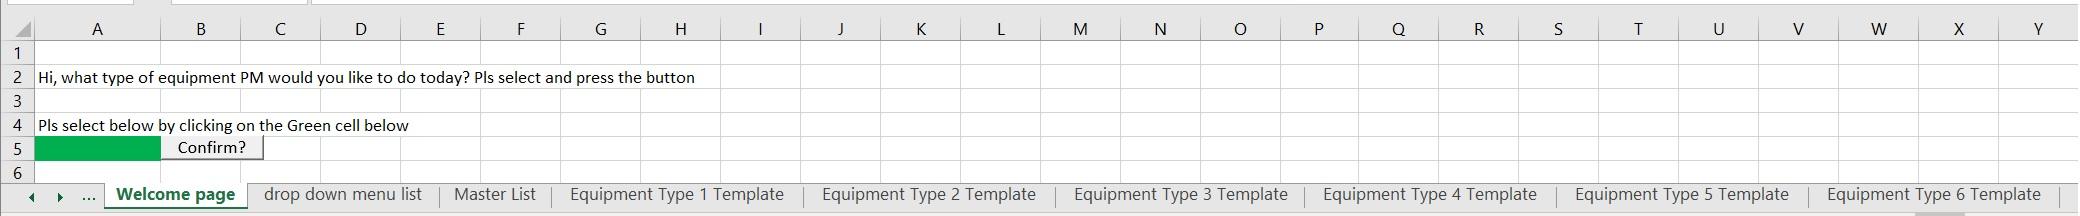 worksheets in workbook 1.jpg